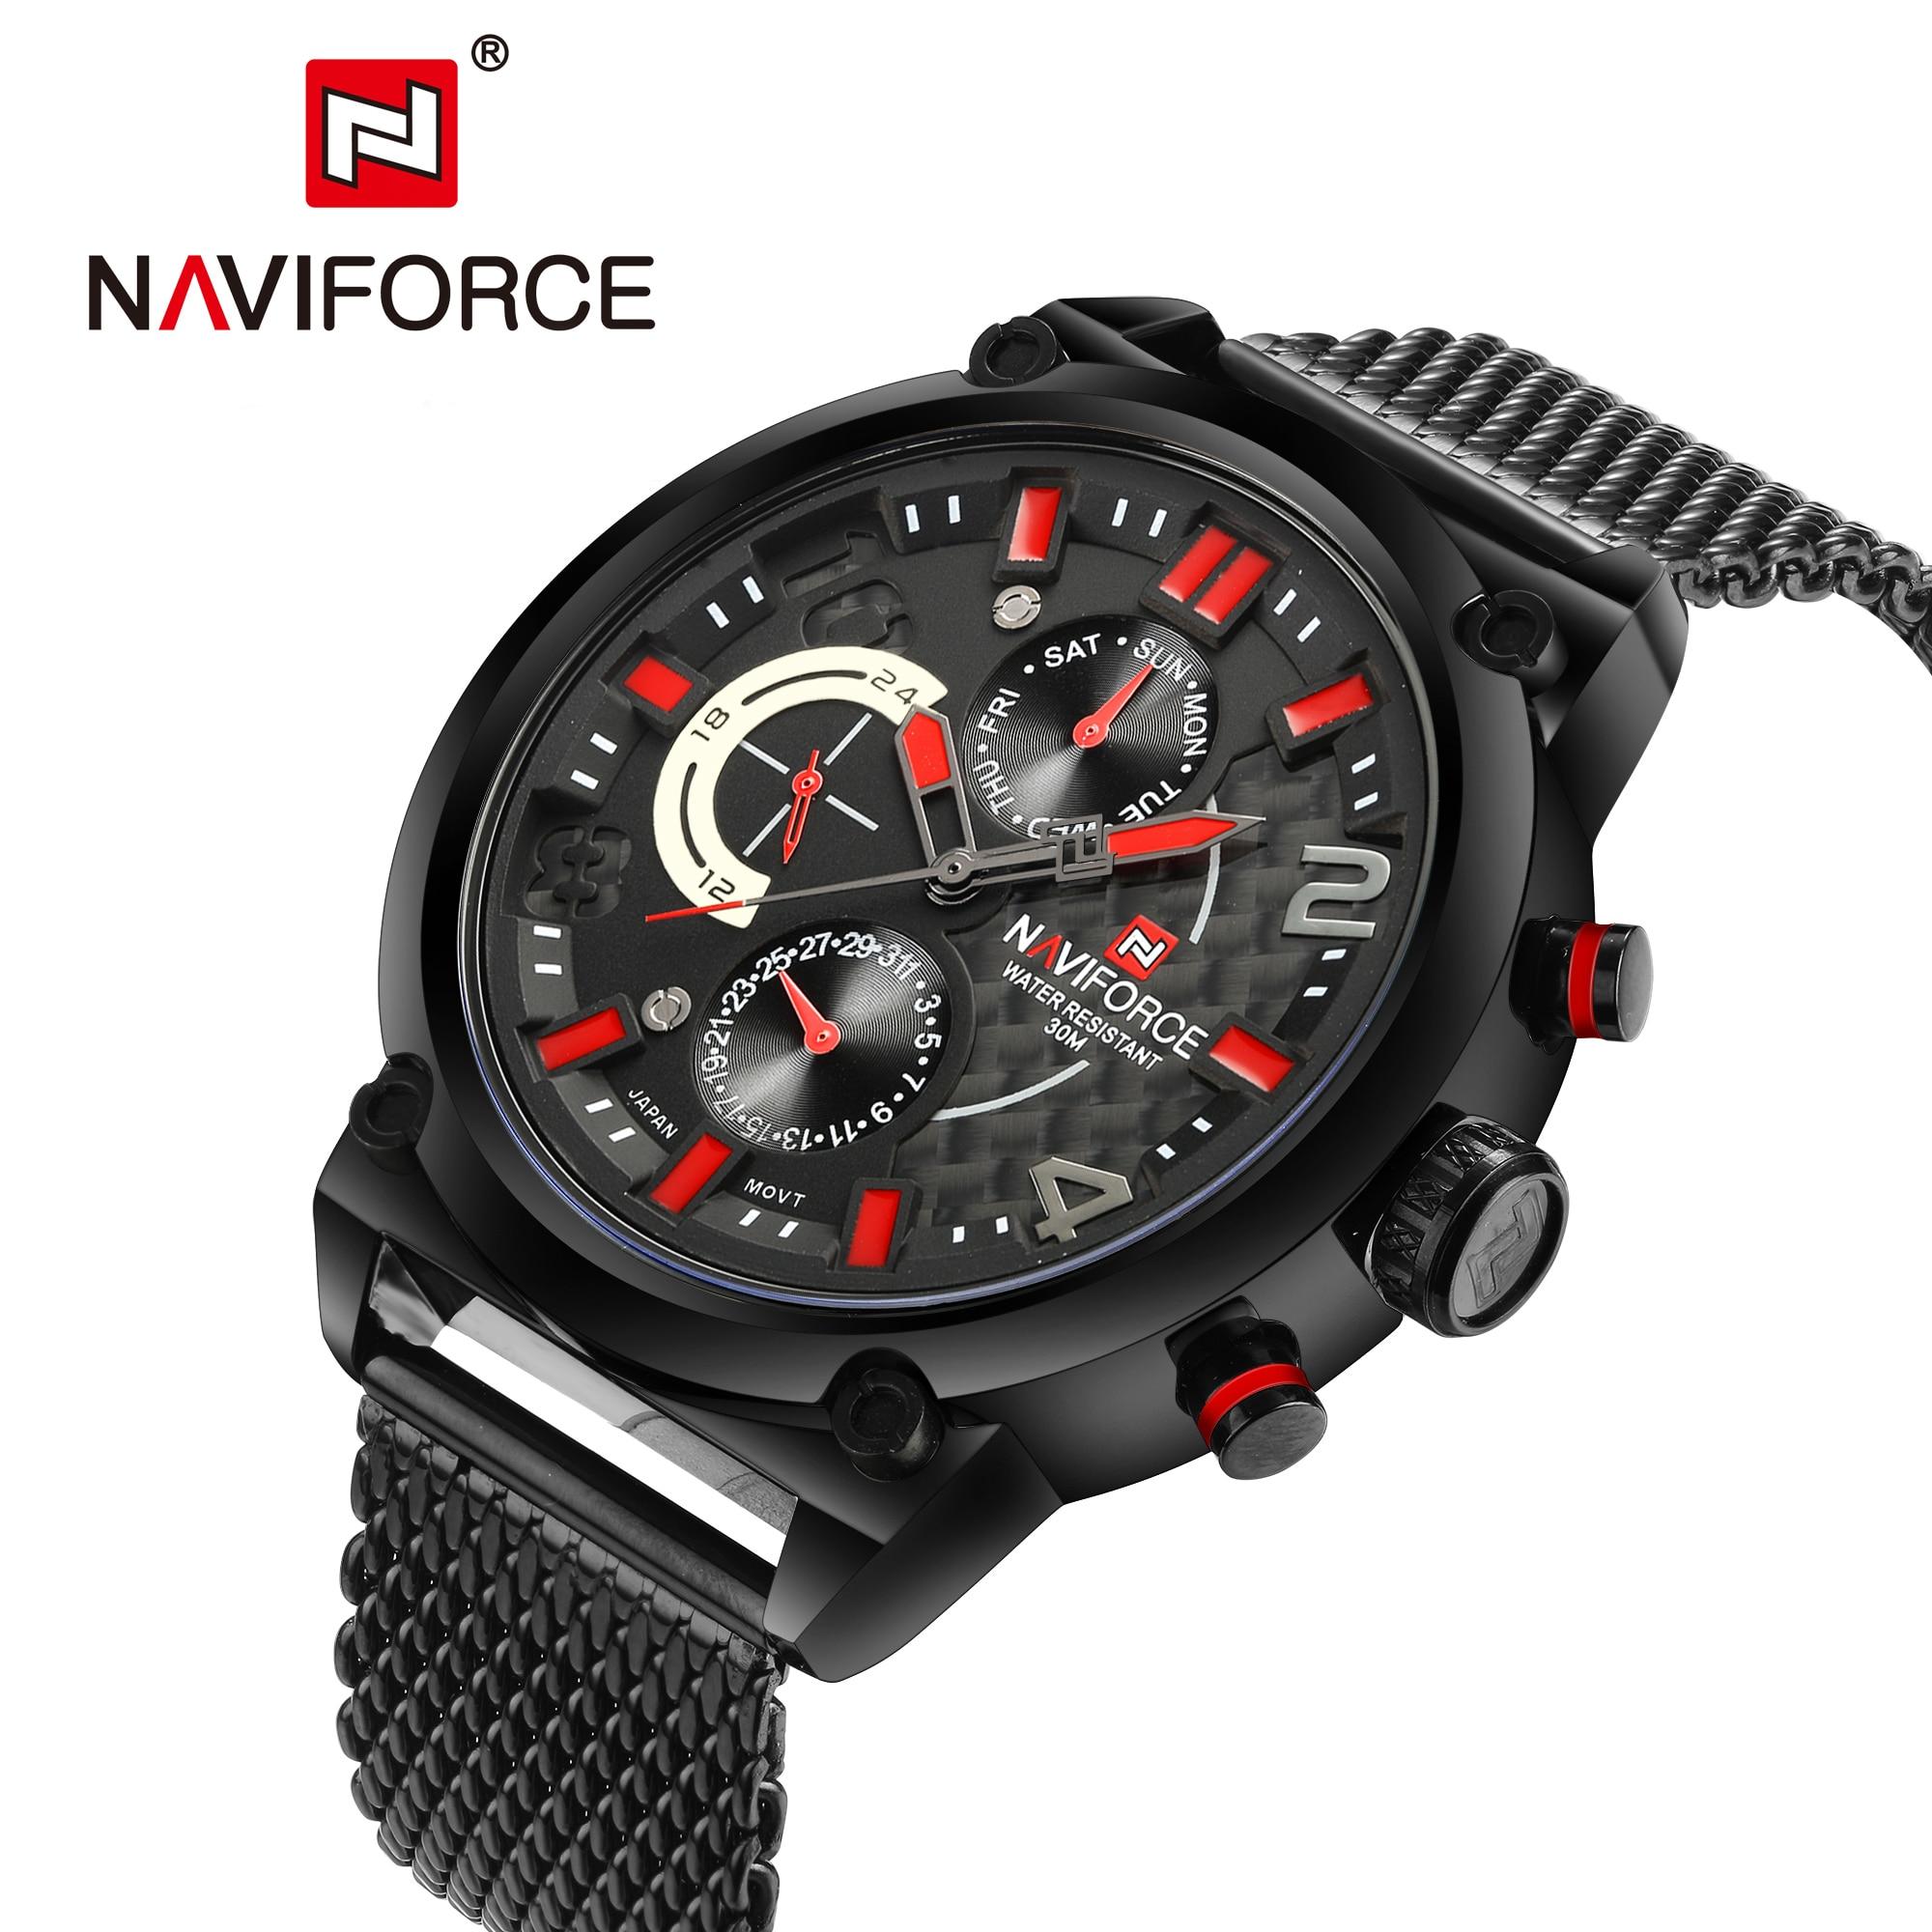 Prix pour Marque de luxe quartz montre hommes casual sport montres de mode bracelet en acier militaire montre-bracelet étanche naviforce hommes horloge lx50